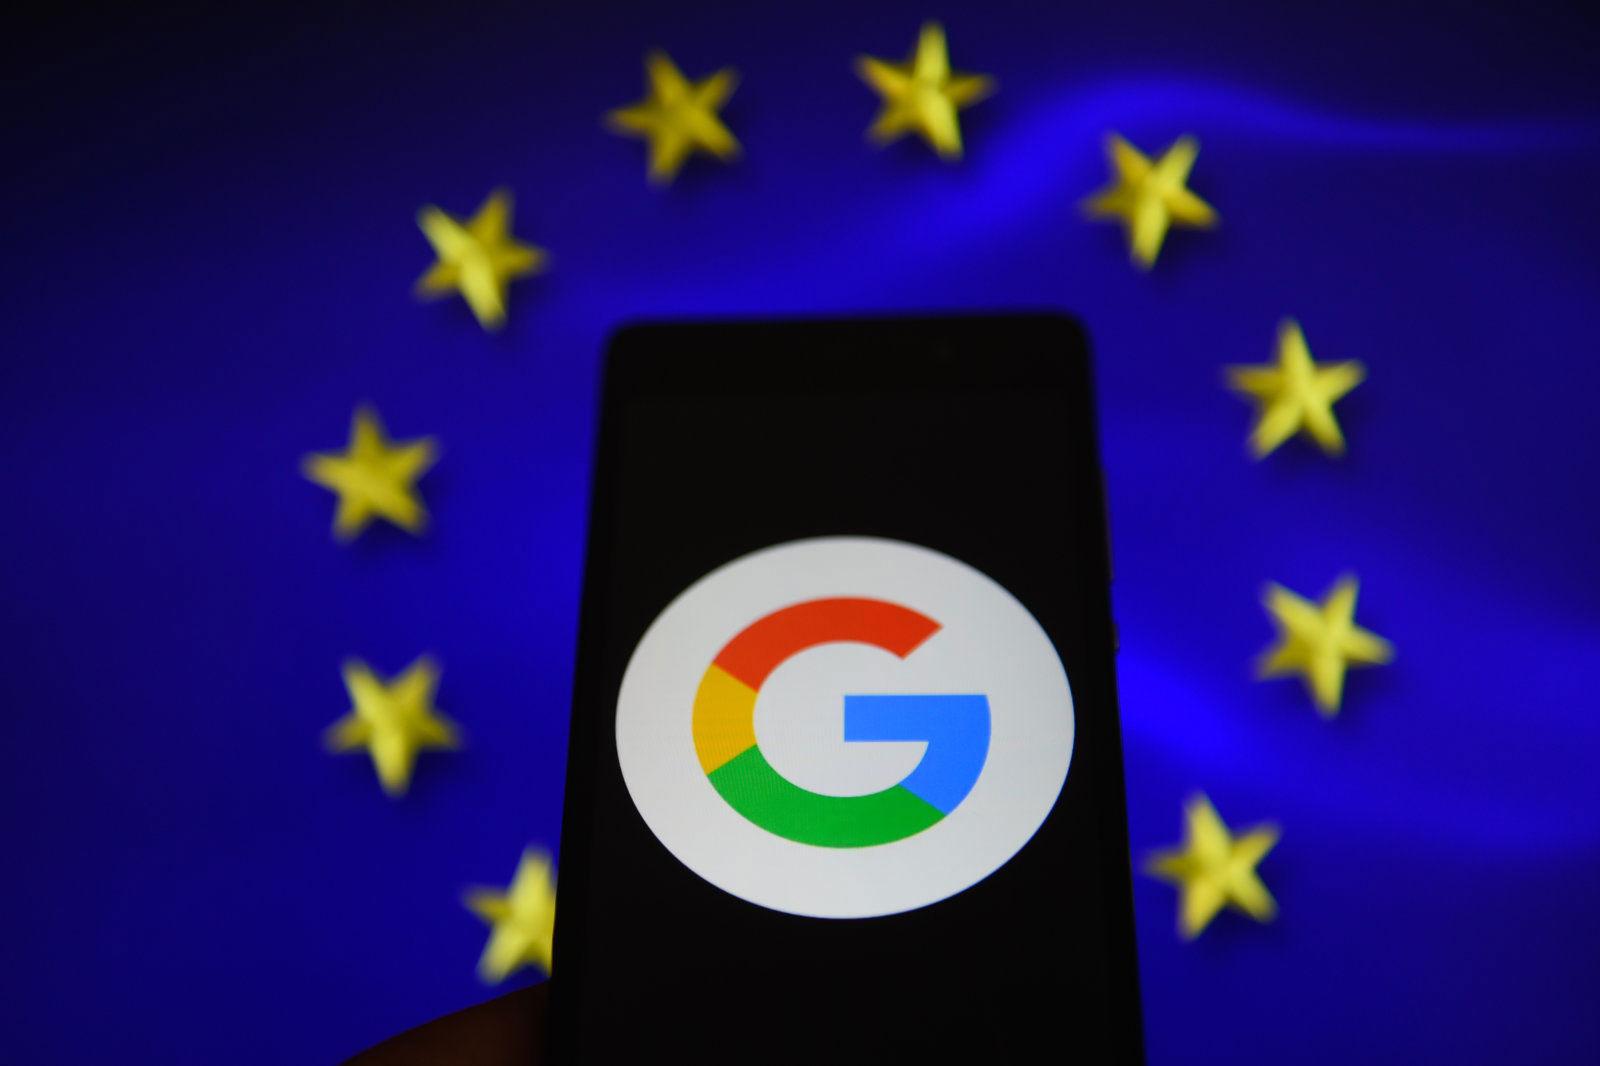 گوگل اتحادیه اروپا